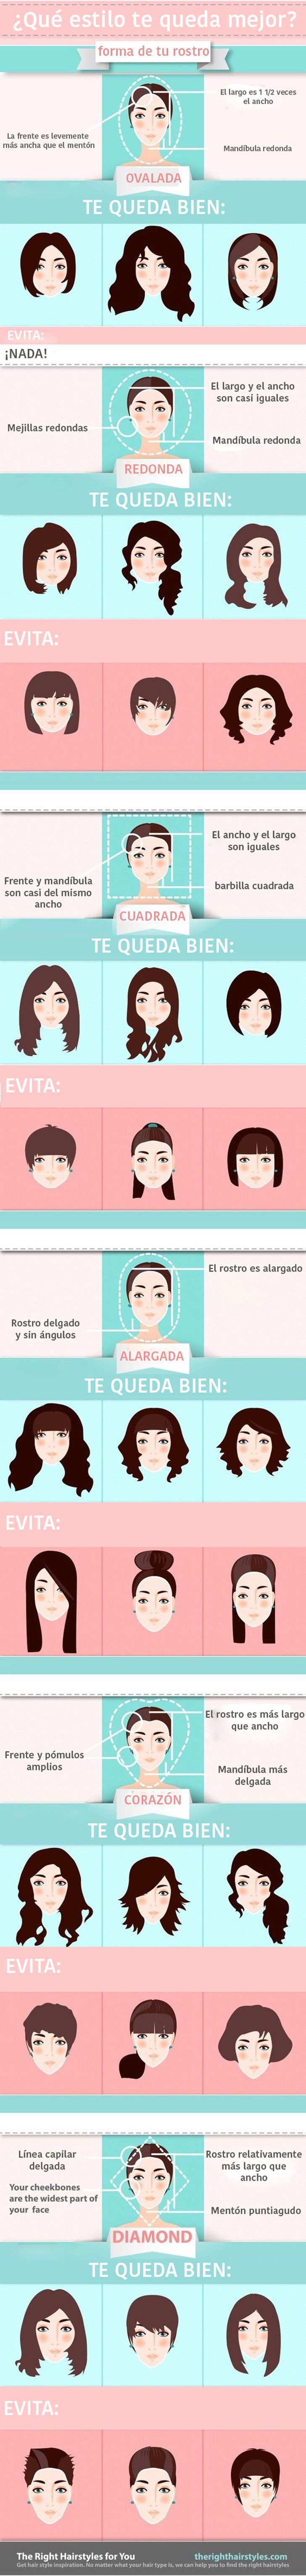 Encuentra el corte de cabello indicado según la forma de tu rostro....ELECTRA